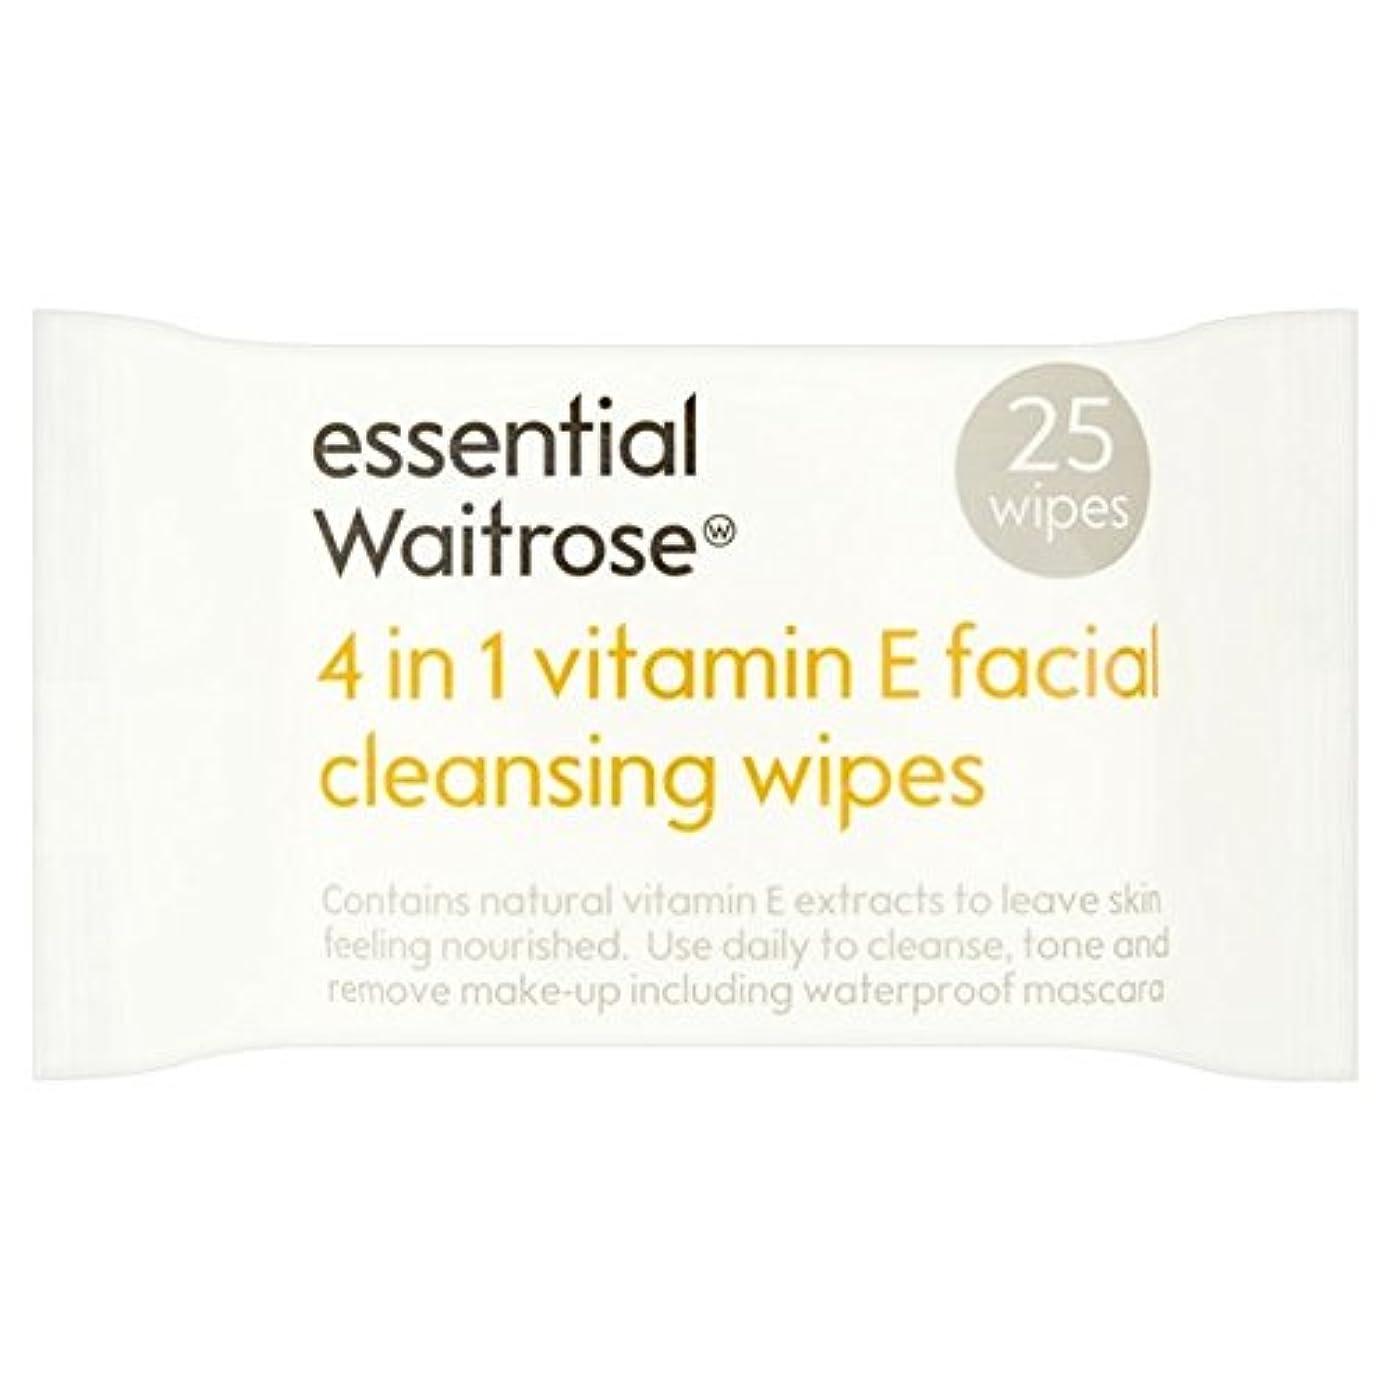 冷蔵するシーケンスすみません1つのクレンジングで4不可欠パックあたりのビタミンウェイトローズ25ワイプ x2 - Essential 4 in 1 Cleansing Wipes Vitamin E Waitrose 25 per pack (Pack...